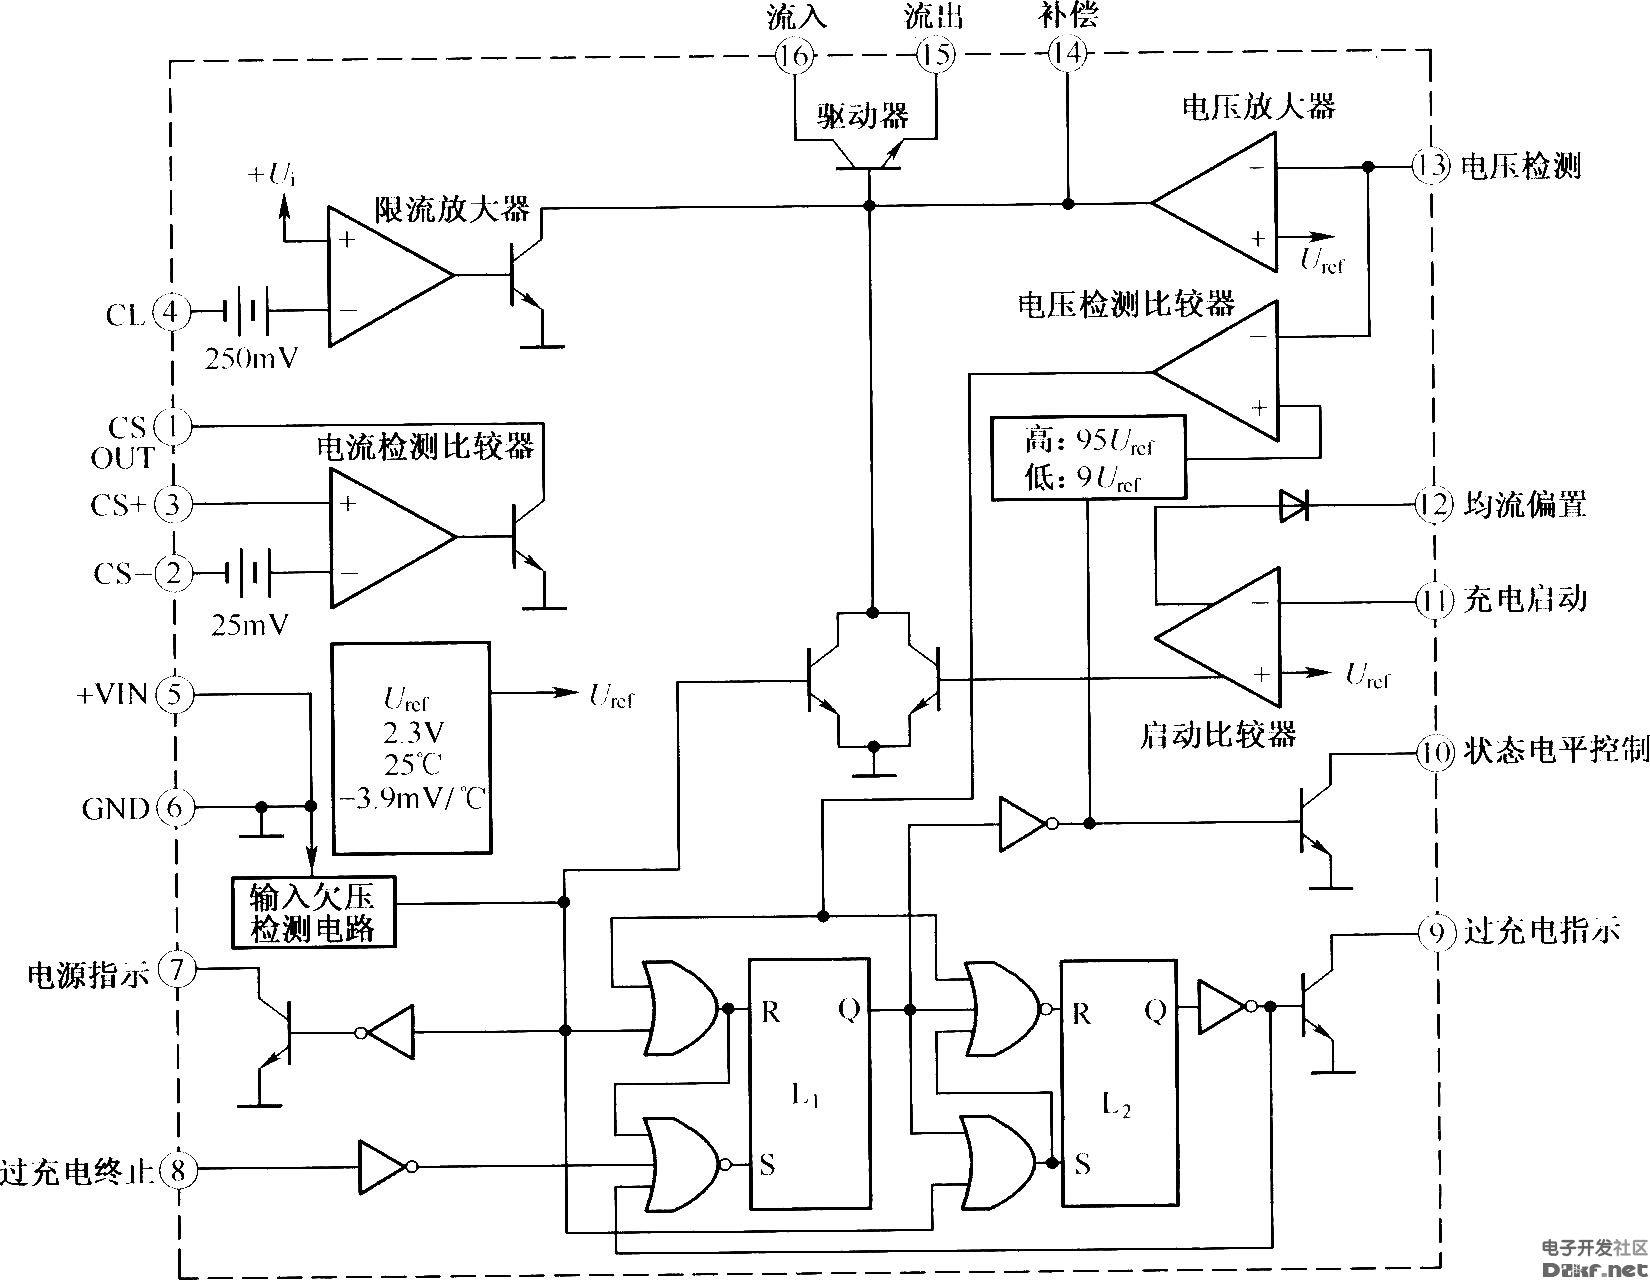 UC3906作为阀控密封铅酸蓄电池充电专用芯片,其内集成了实现阀控密封铅酸蓄电池 最佳充电所需的3种充电逻辑控制和检测功能,并具有环境温度自适应、充放电程度自适应 以及限流、欠压保护功能。其采用的温度补偿技术可使各种充电转换电压随阀控密封铅酸蓄 电池电压温度系数的变化而变化,使阀控密封铅酸蓄电池在很宽的温度范围内都能达到最佳 充电状态。其内部结构图如下所示